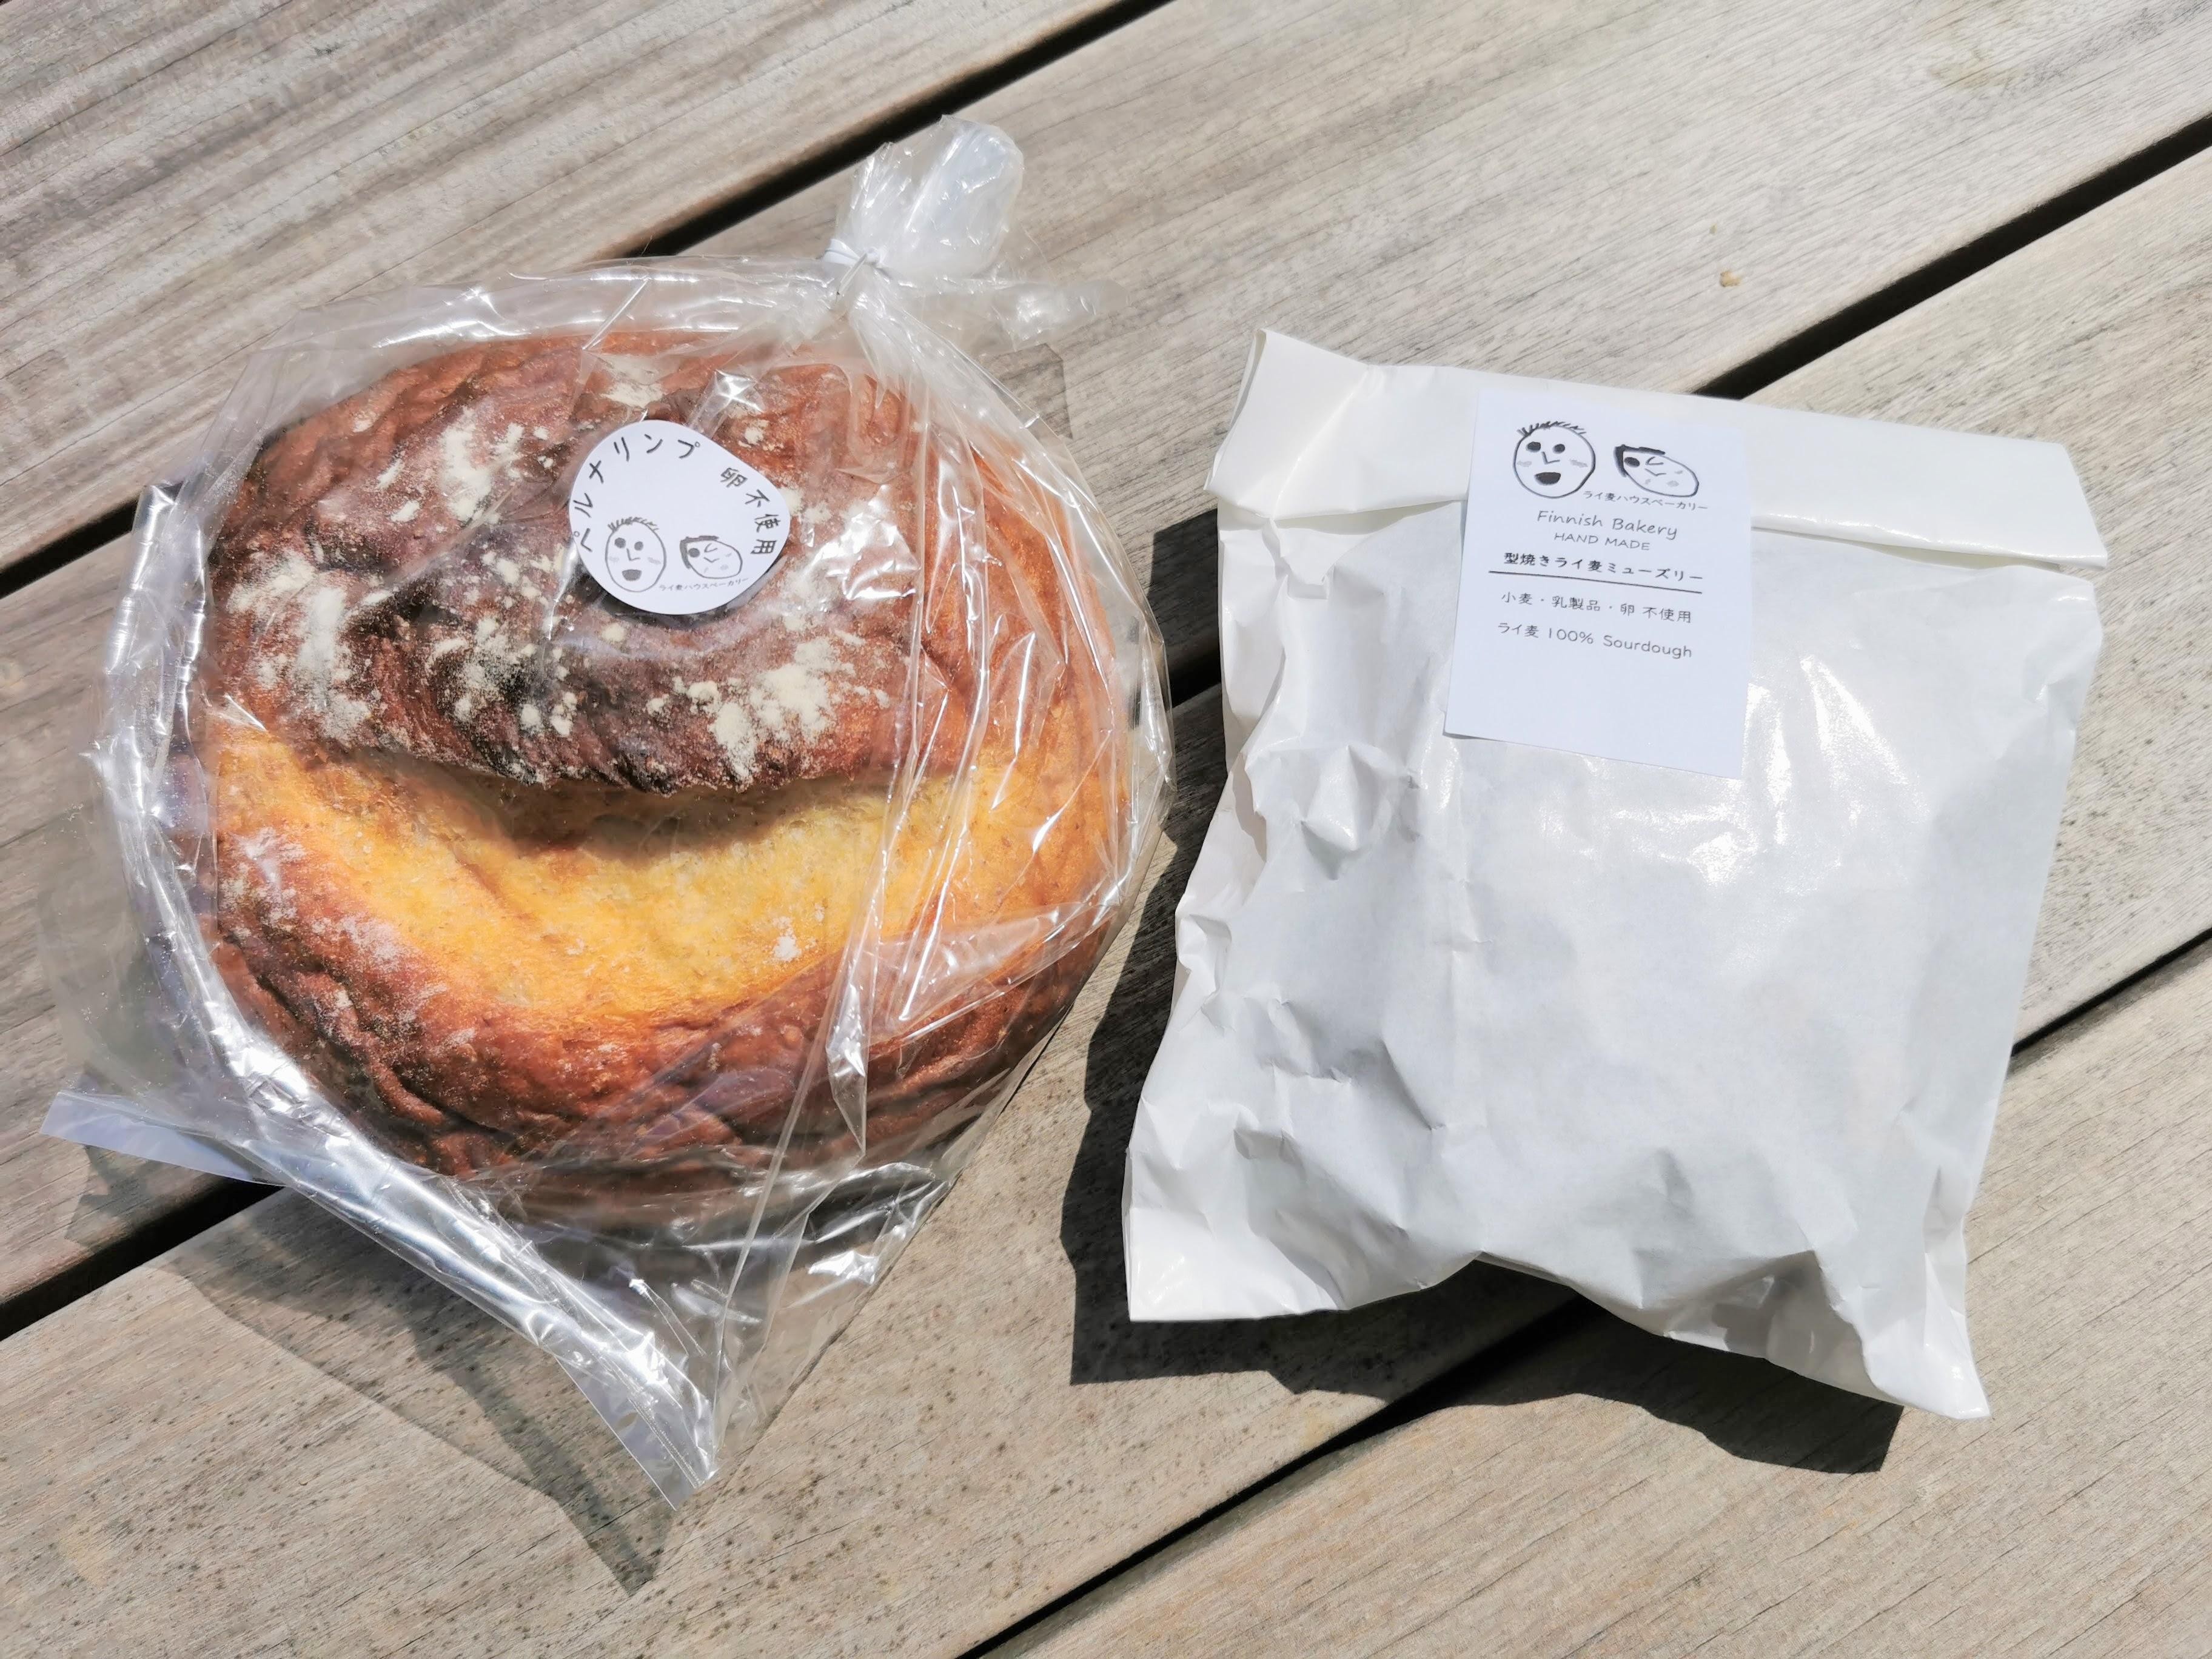 【鎌倉】ライ麦ハウス ベーカリー@フィンランドスタイルの心地のいい健康パン。